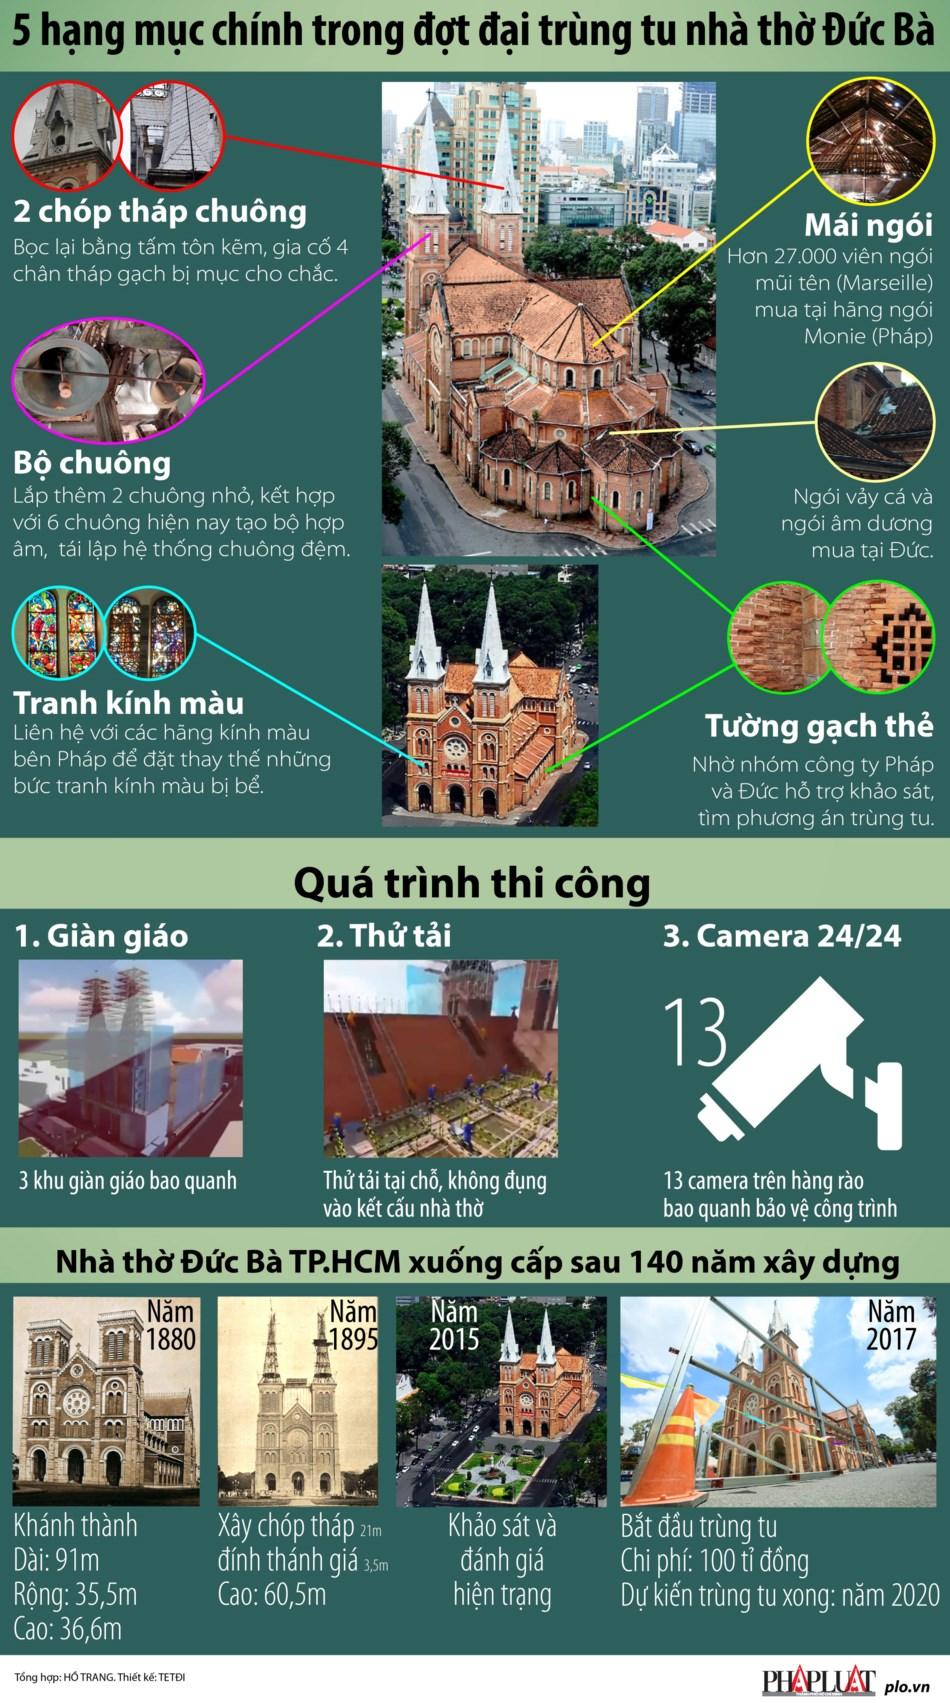 5 hạng mục chính trong đợt đại trùng tu nhà thờ Đức Bà - 1